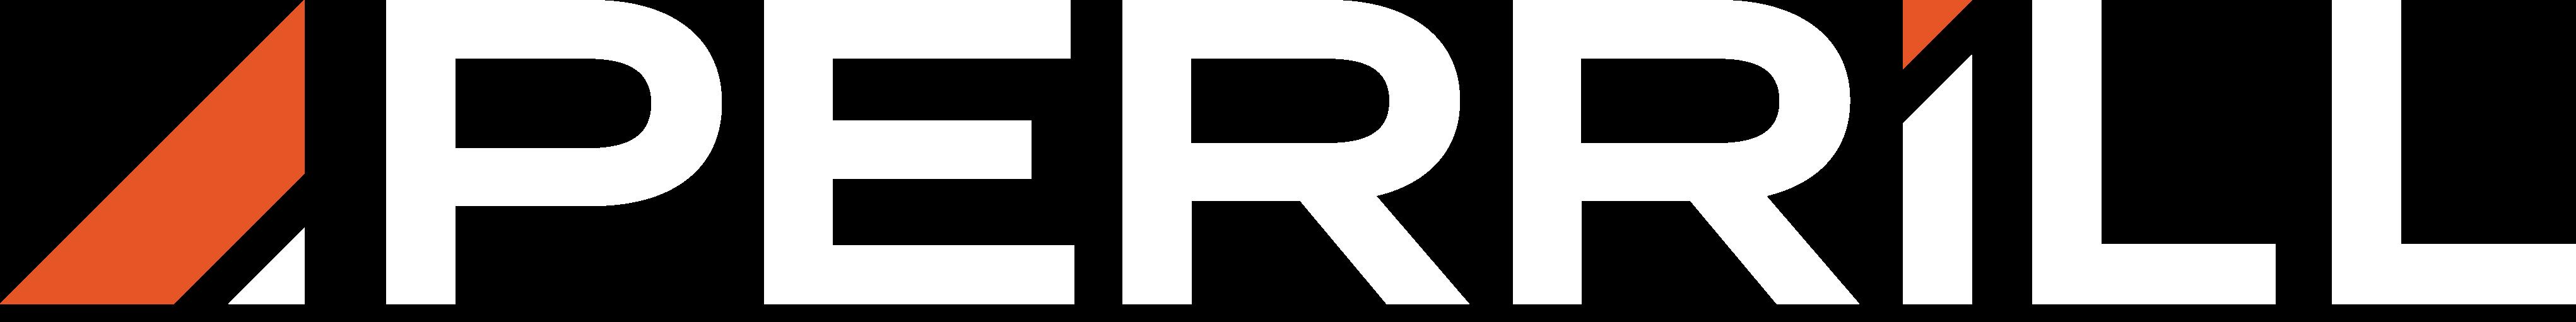 Perrill Logo